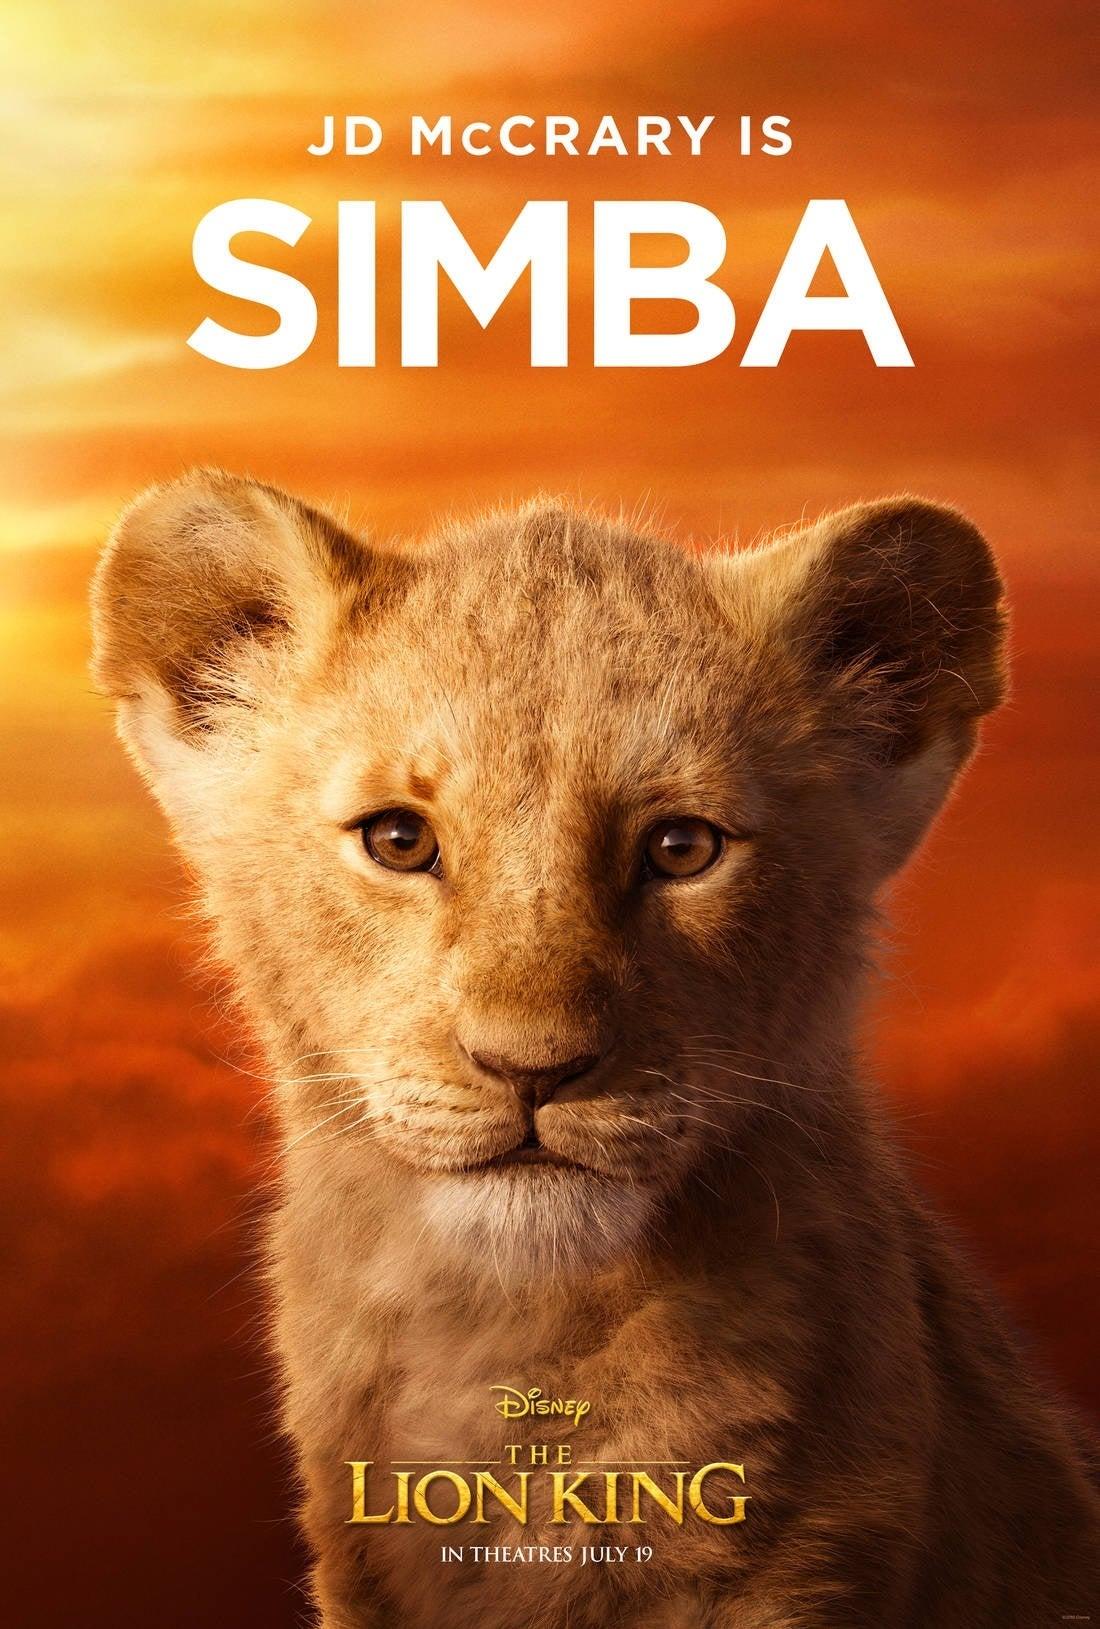 lion king poster Young Simba